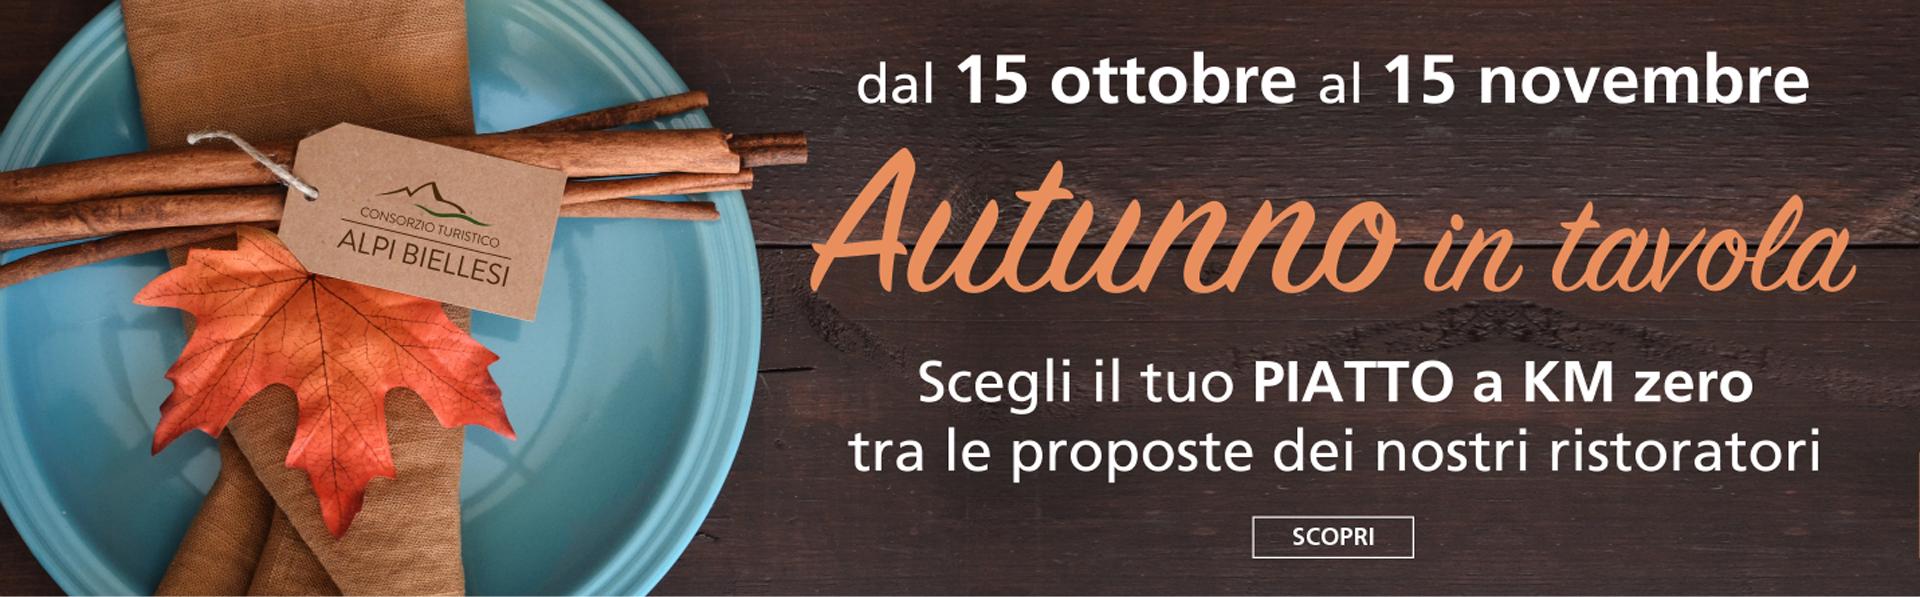 Autunno in tavola dal 15 ottobre al 15 novembre